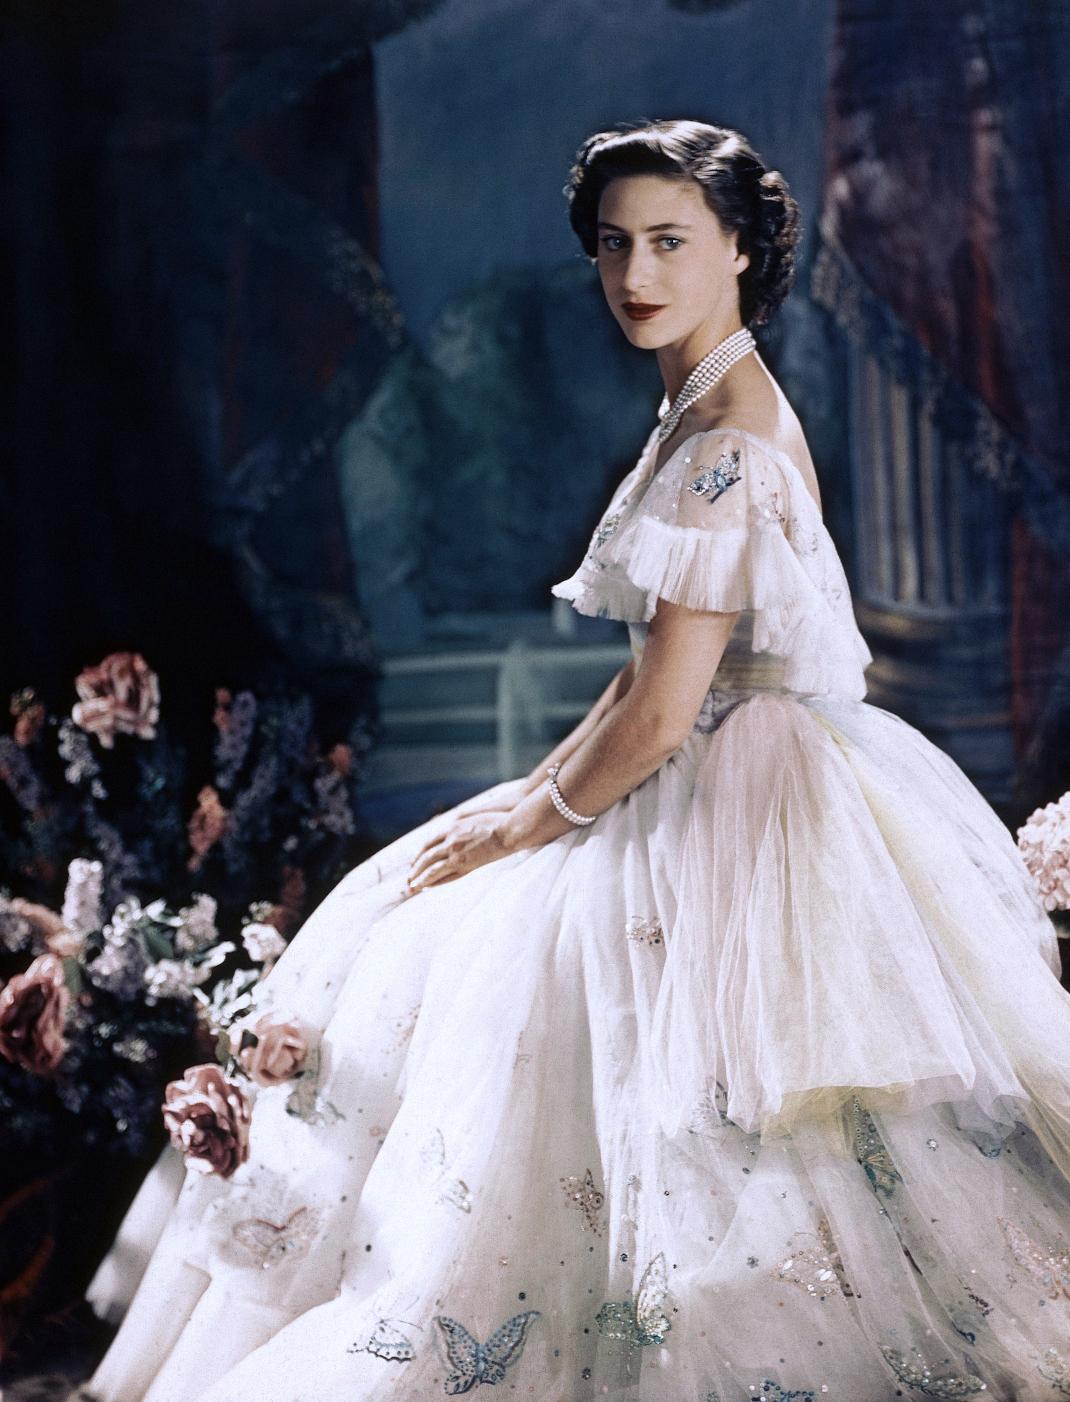 Πριγκίπισσα Μαργαρίτα